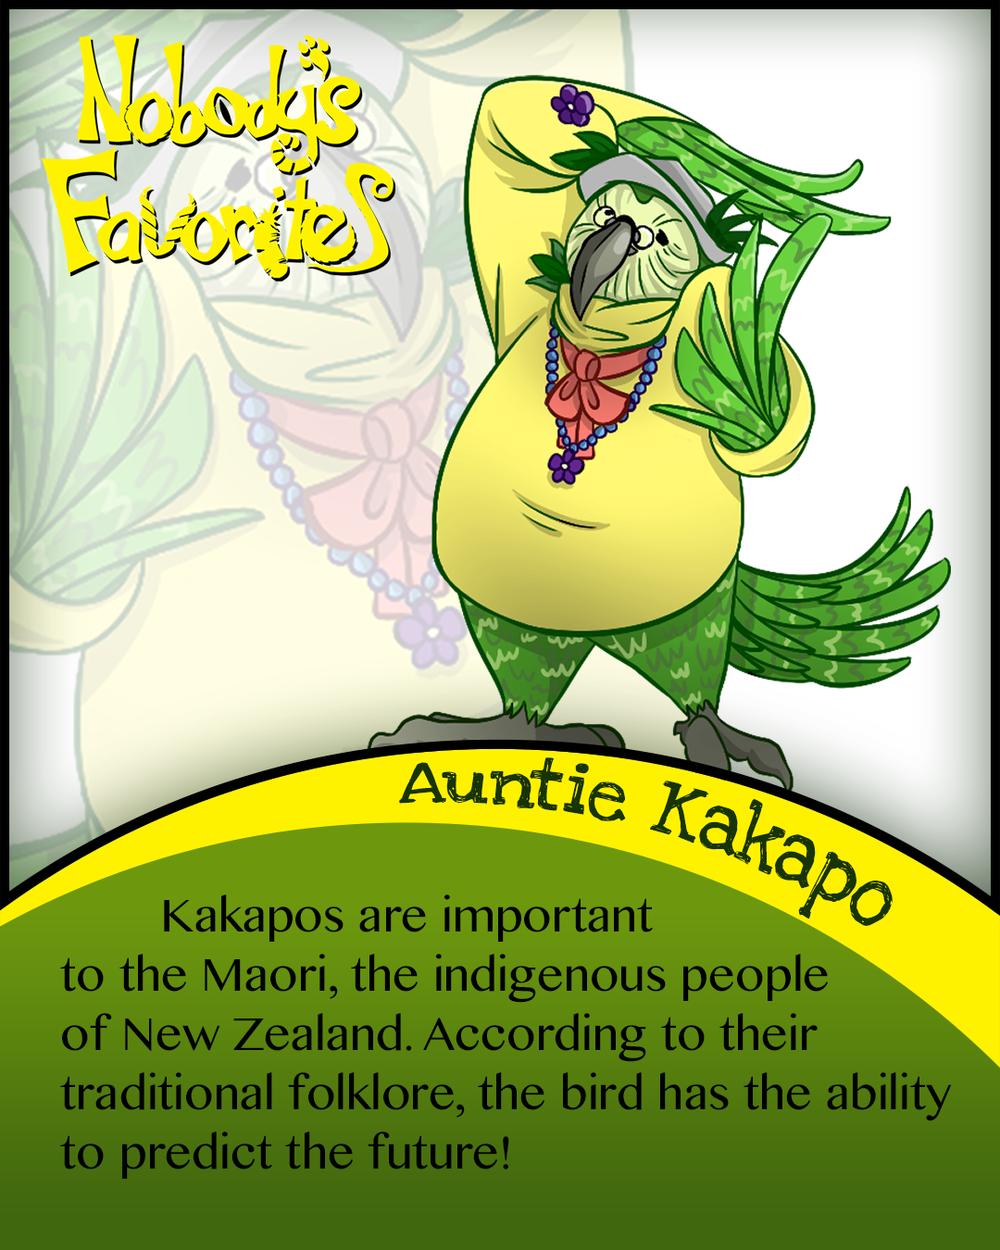 Auntie Kakapo Fact 3